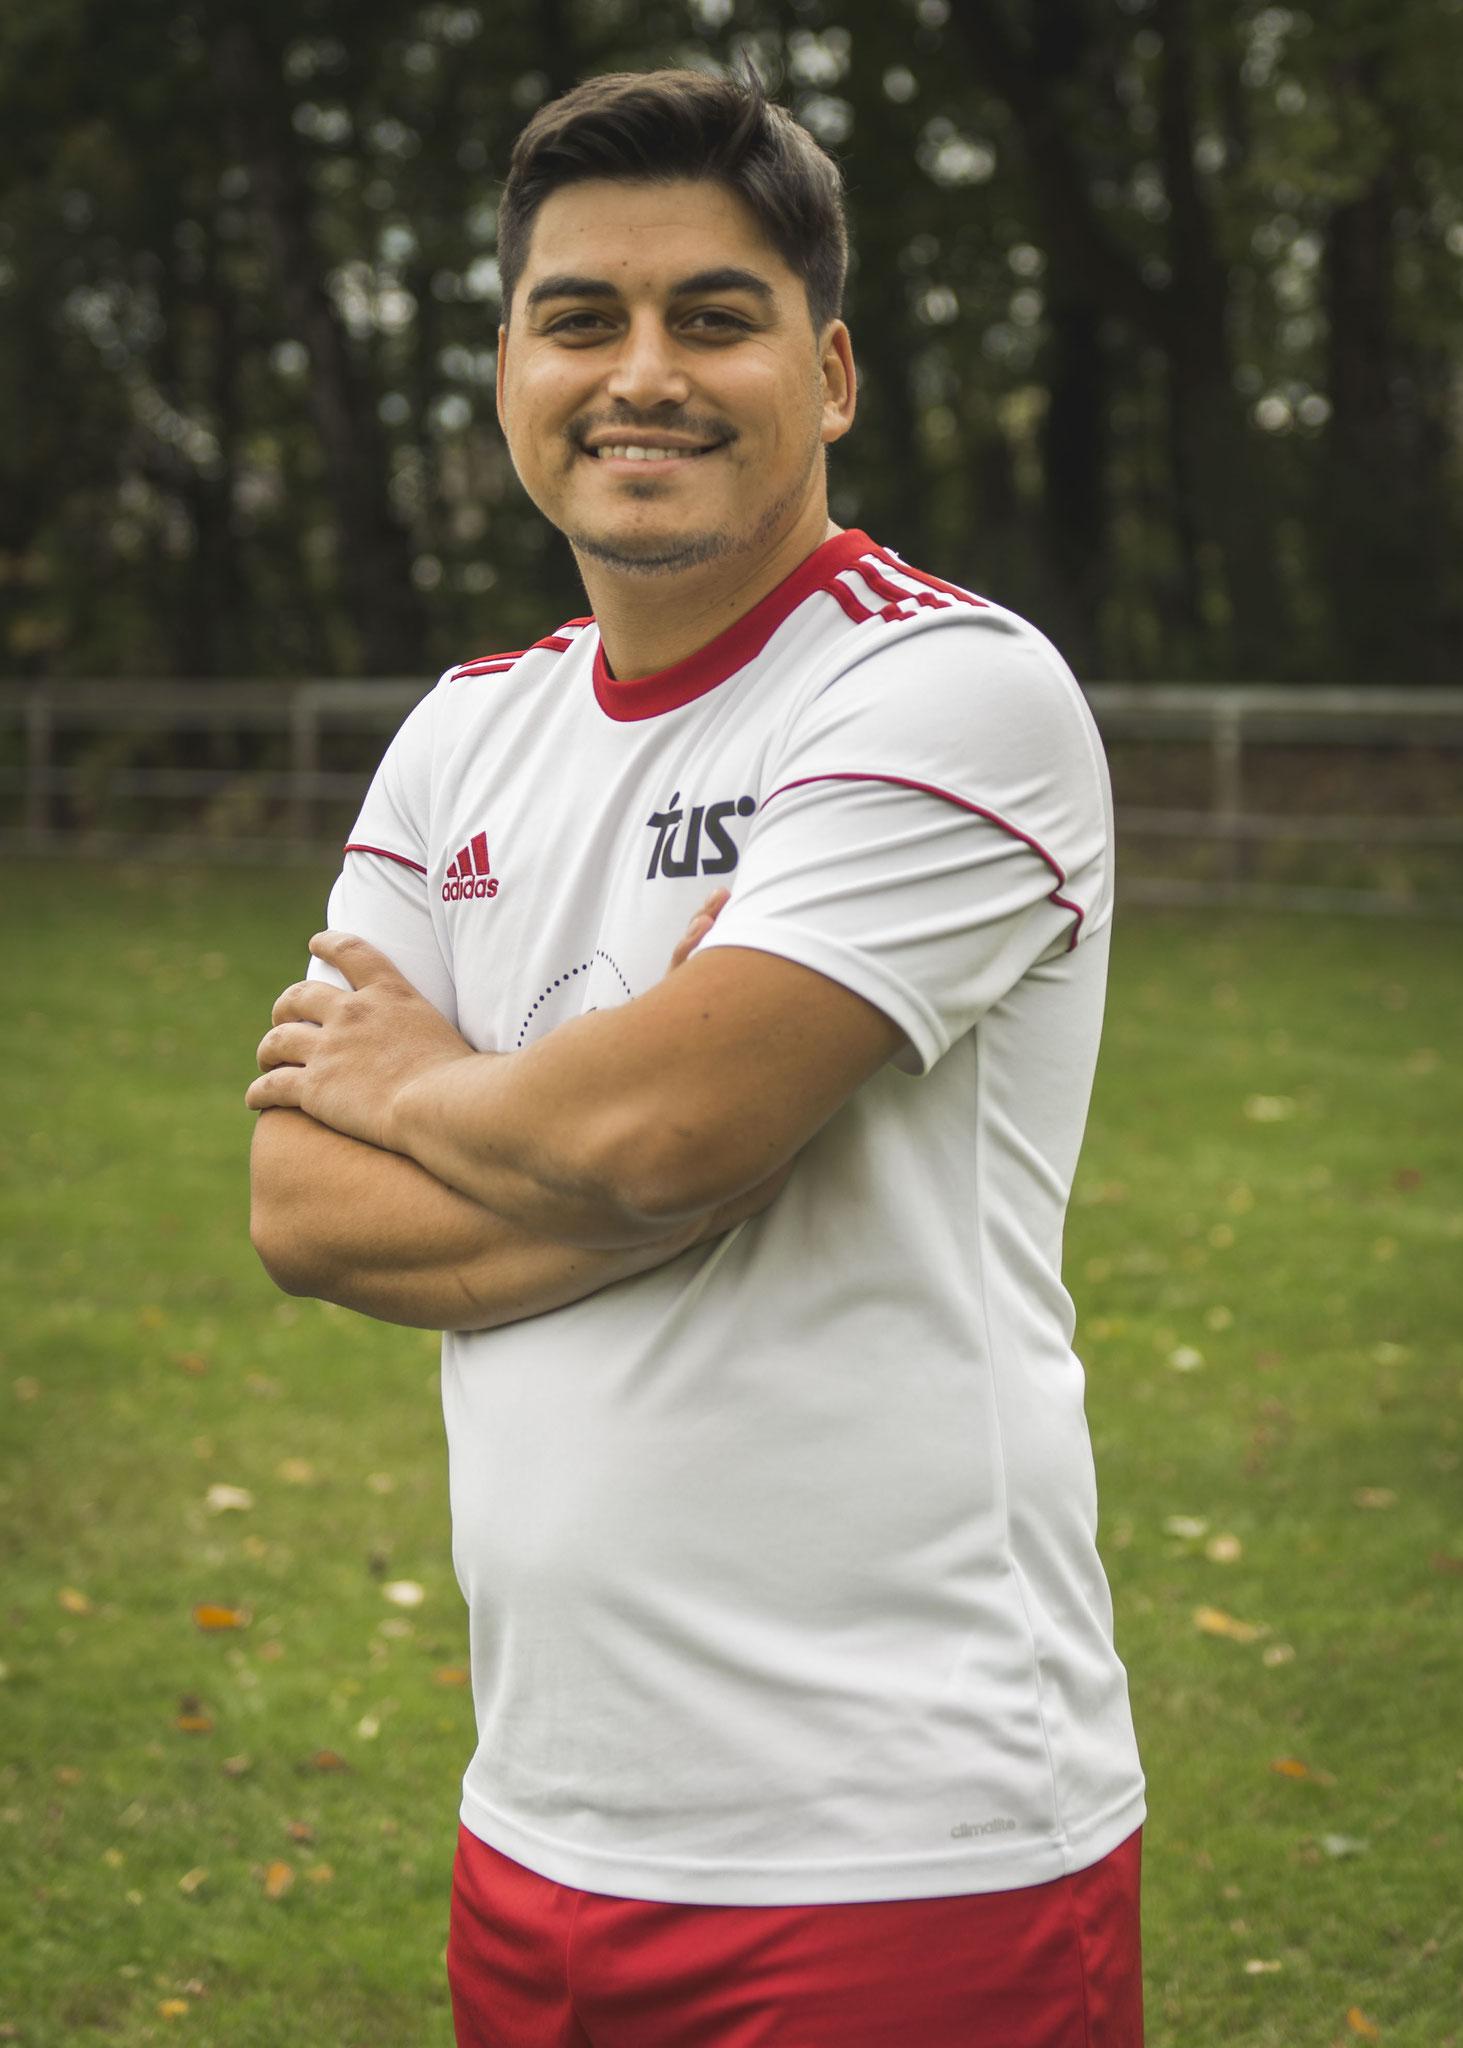 Unsere Nr. 19, Kemal Budev, seit 2018 im Team